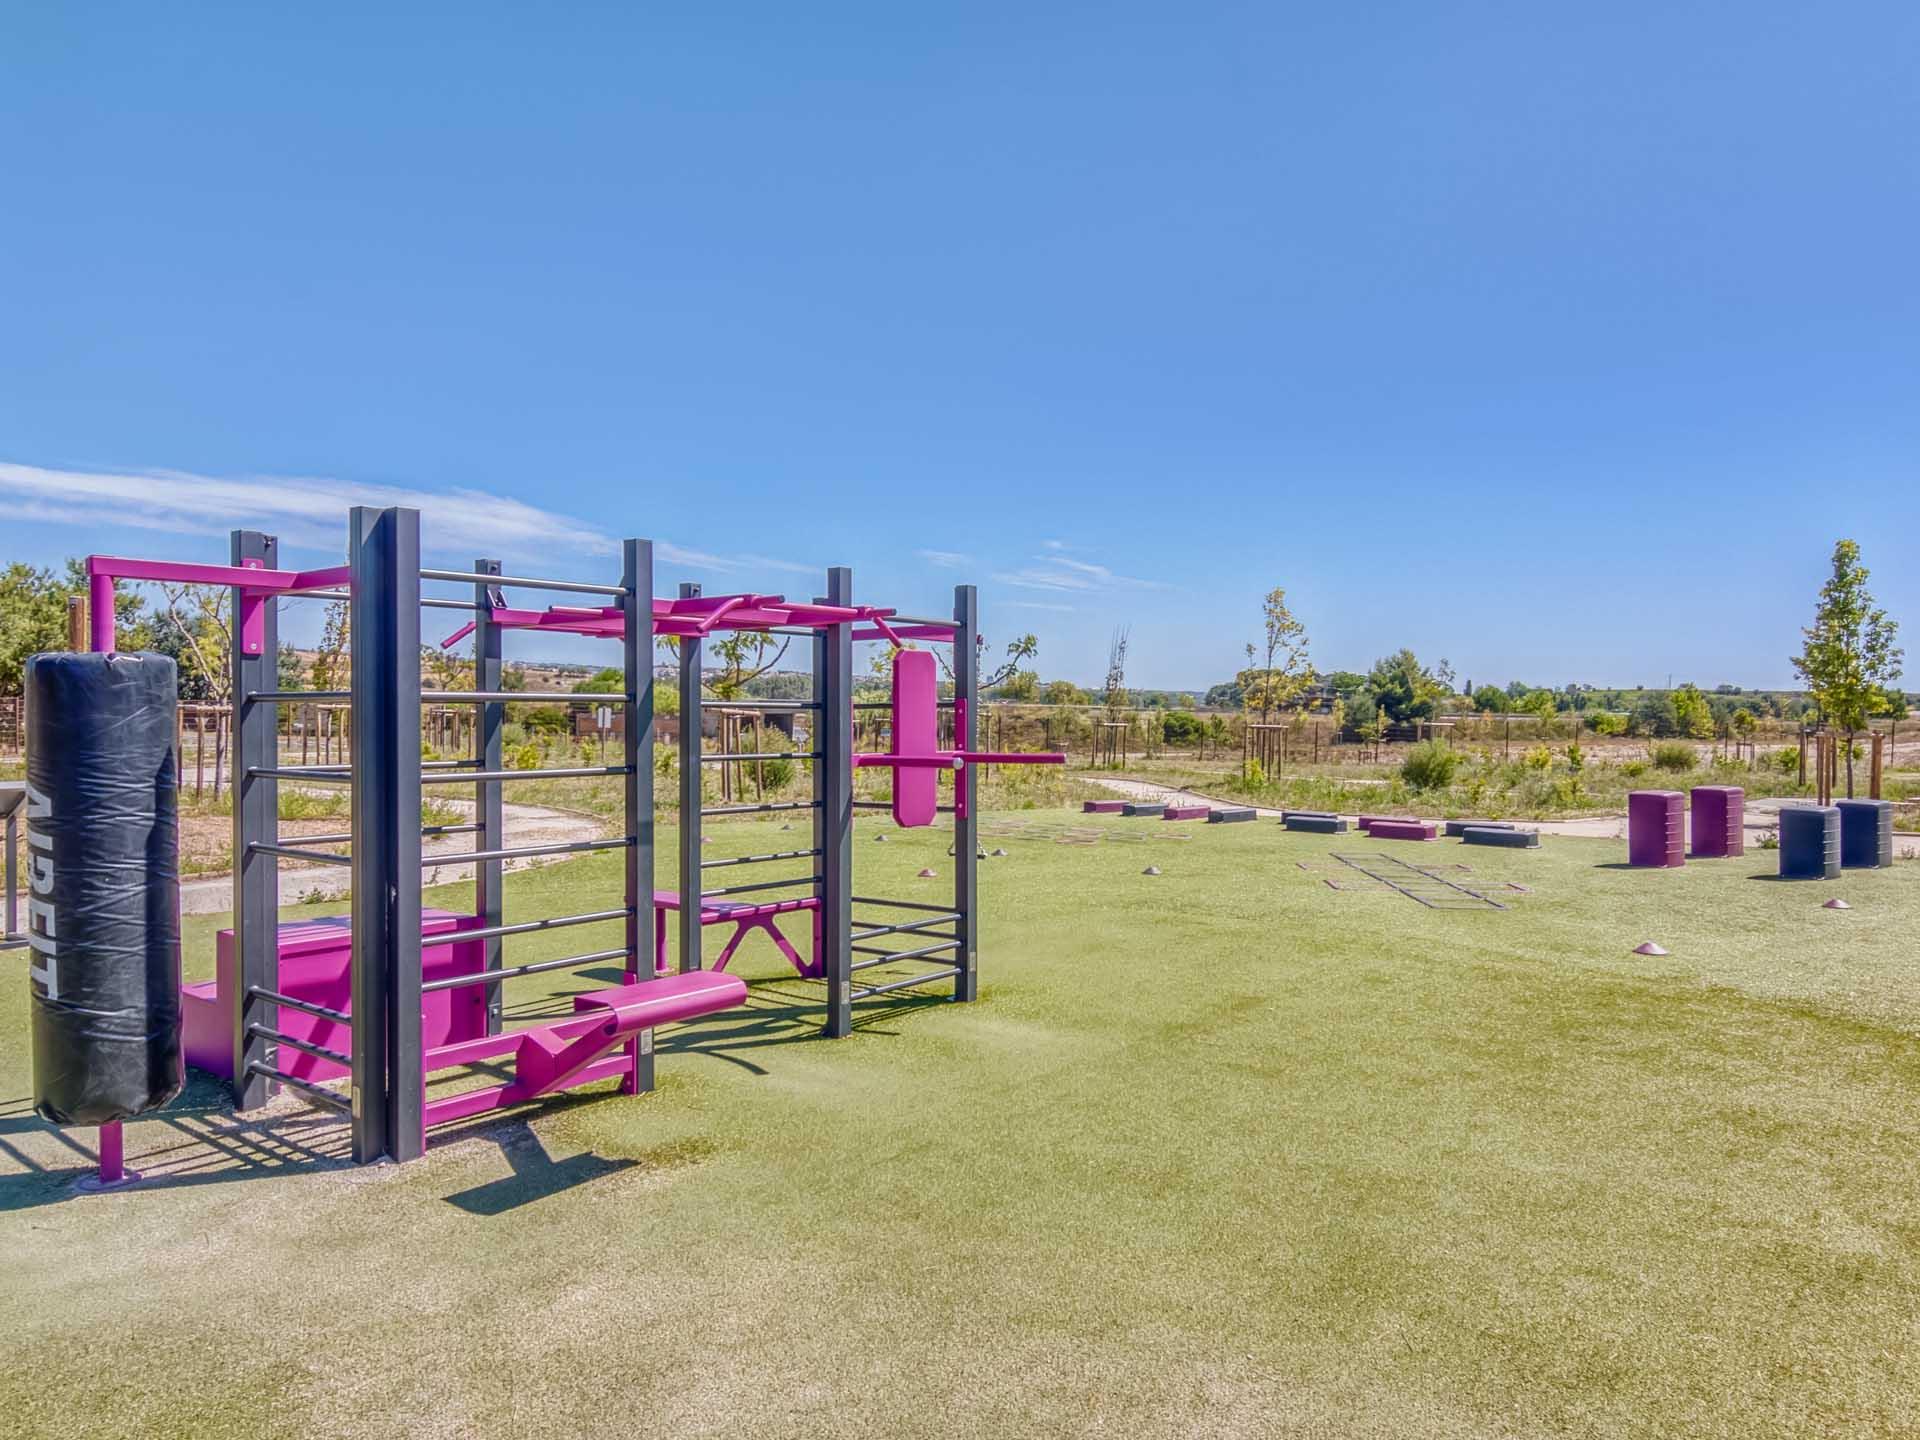 https://www.herault-tribune.com/articles/170624/beziers-des-aires-de-fitness-connecte%CC%81es-pour-les-sportifs/